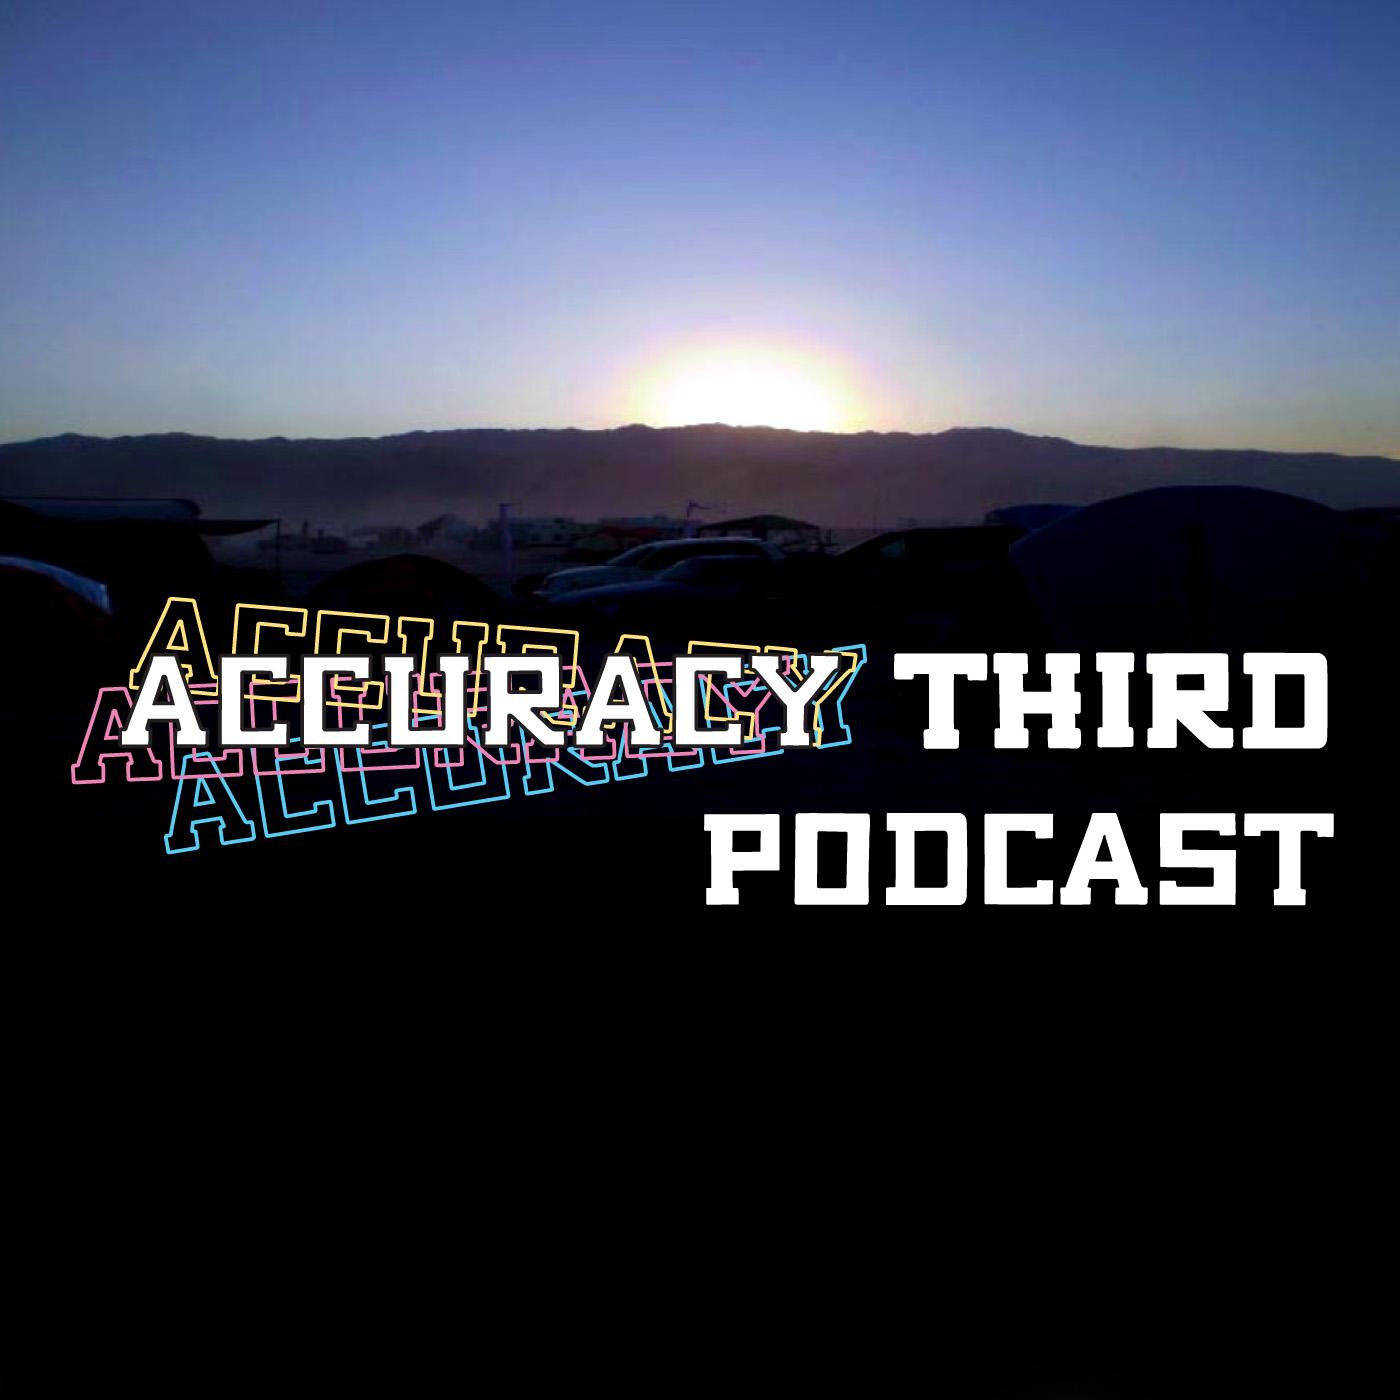 Accuracy Third show art